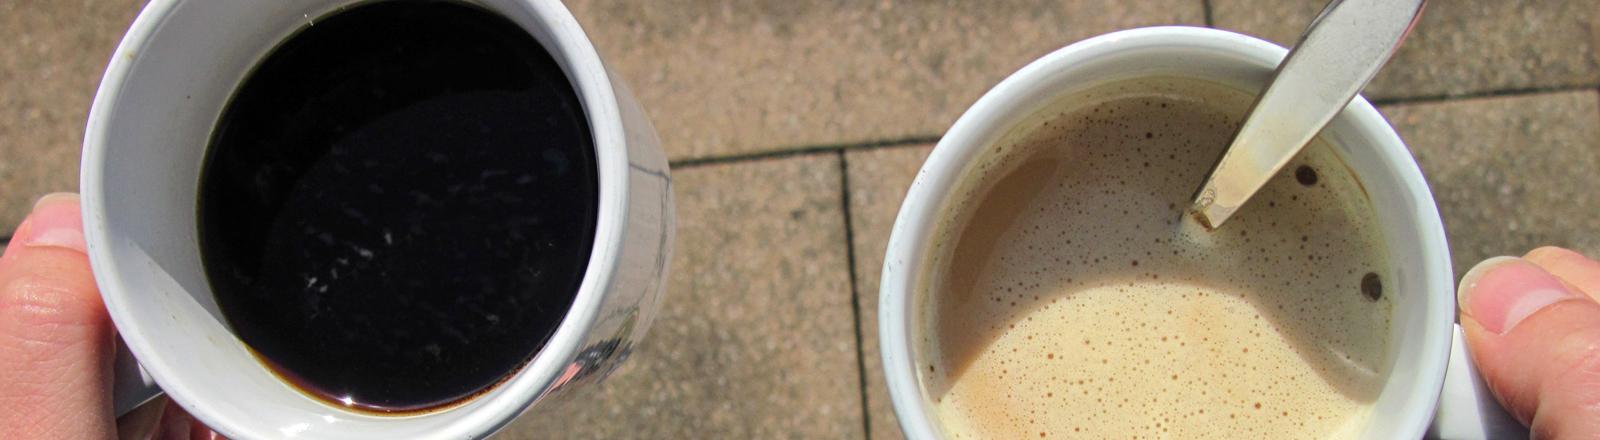 Zwei weiße Tassen sind mit Kaffee gefüllt, eine mit Milchkaffee plus Löffel. Der Blick fällt von oben in die Tassen, die getragen werden. Es sind nur die Daumen der Hände zu sehen.